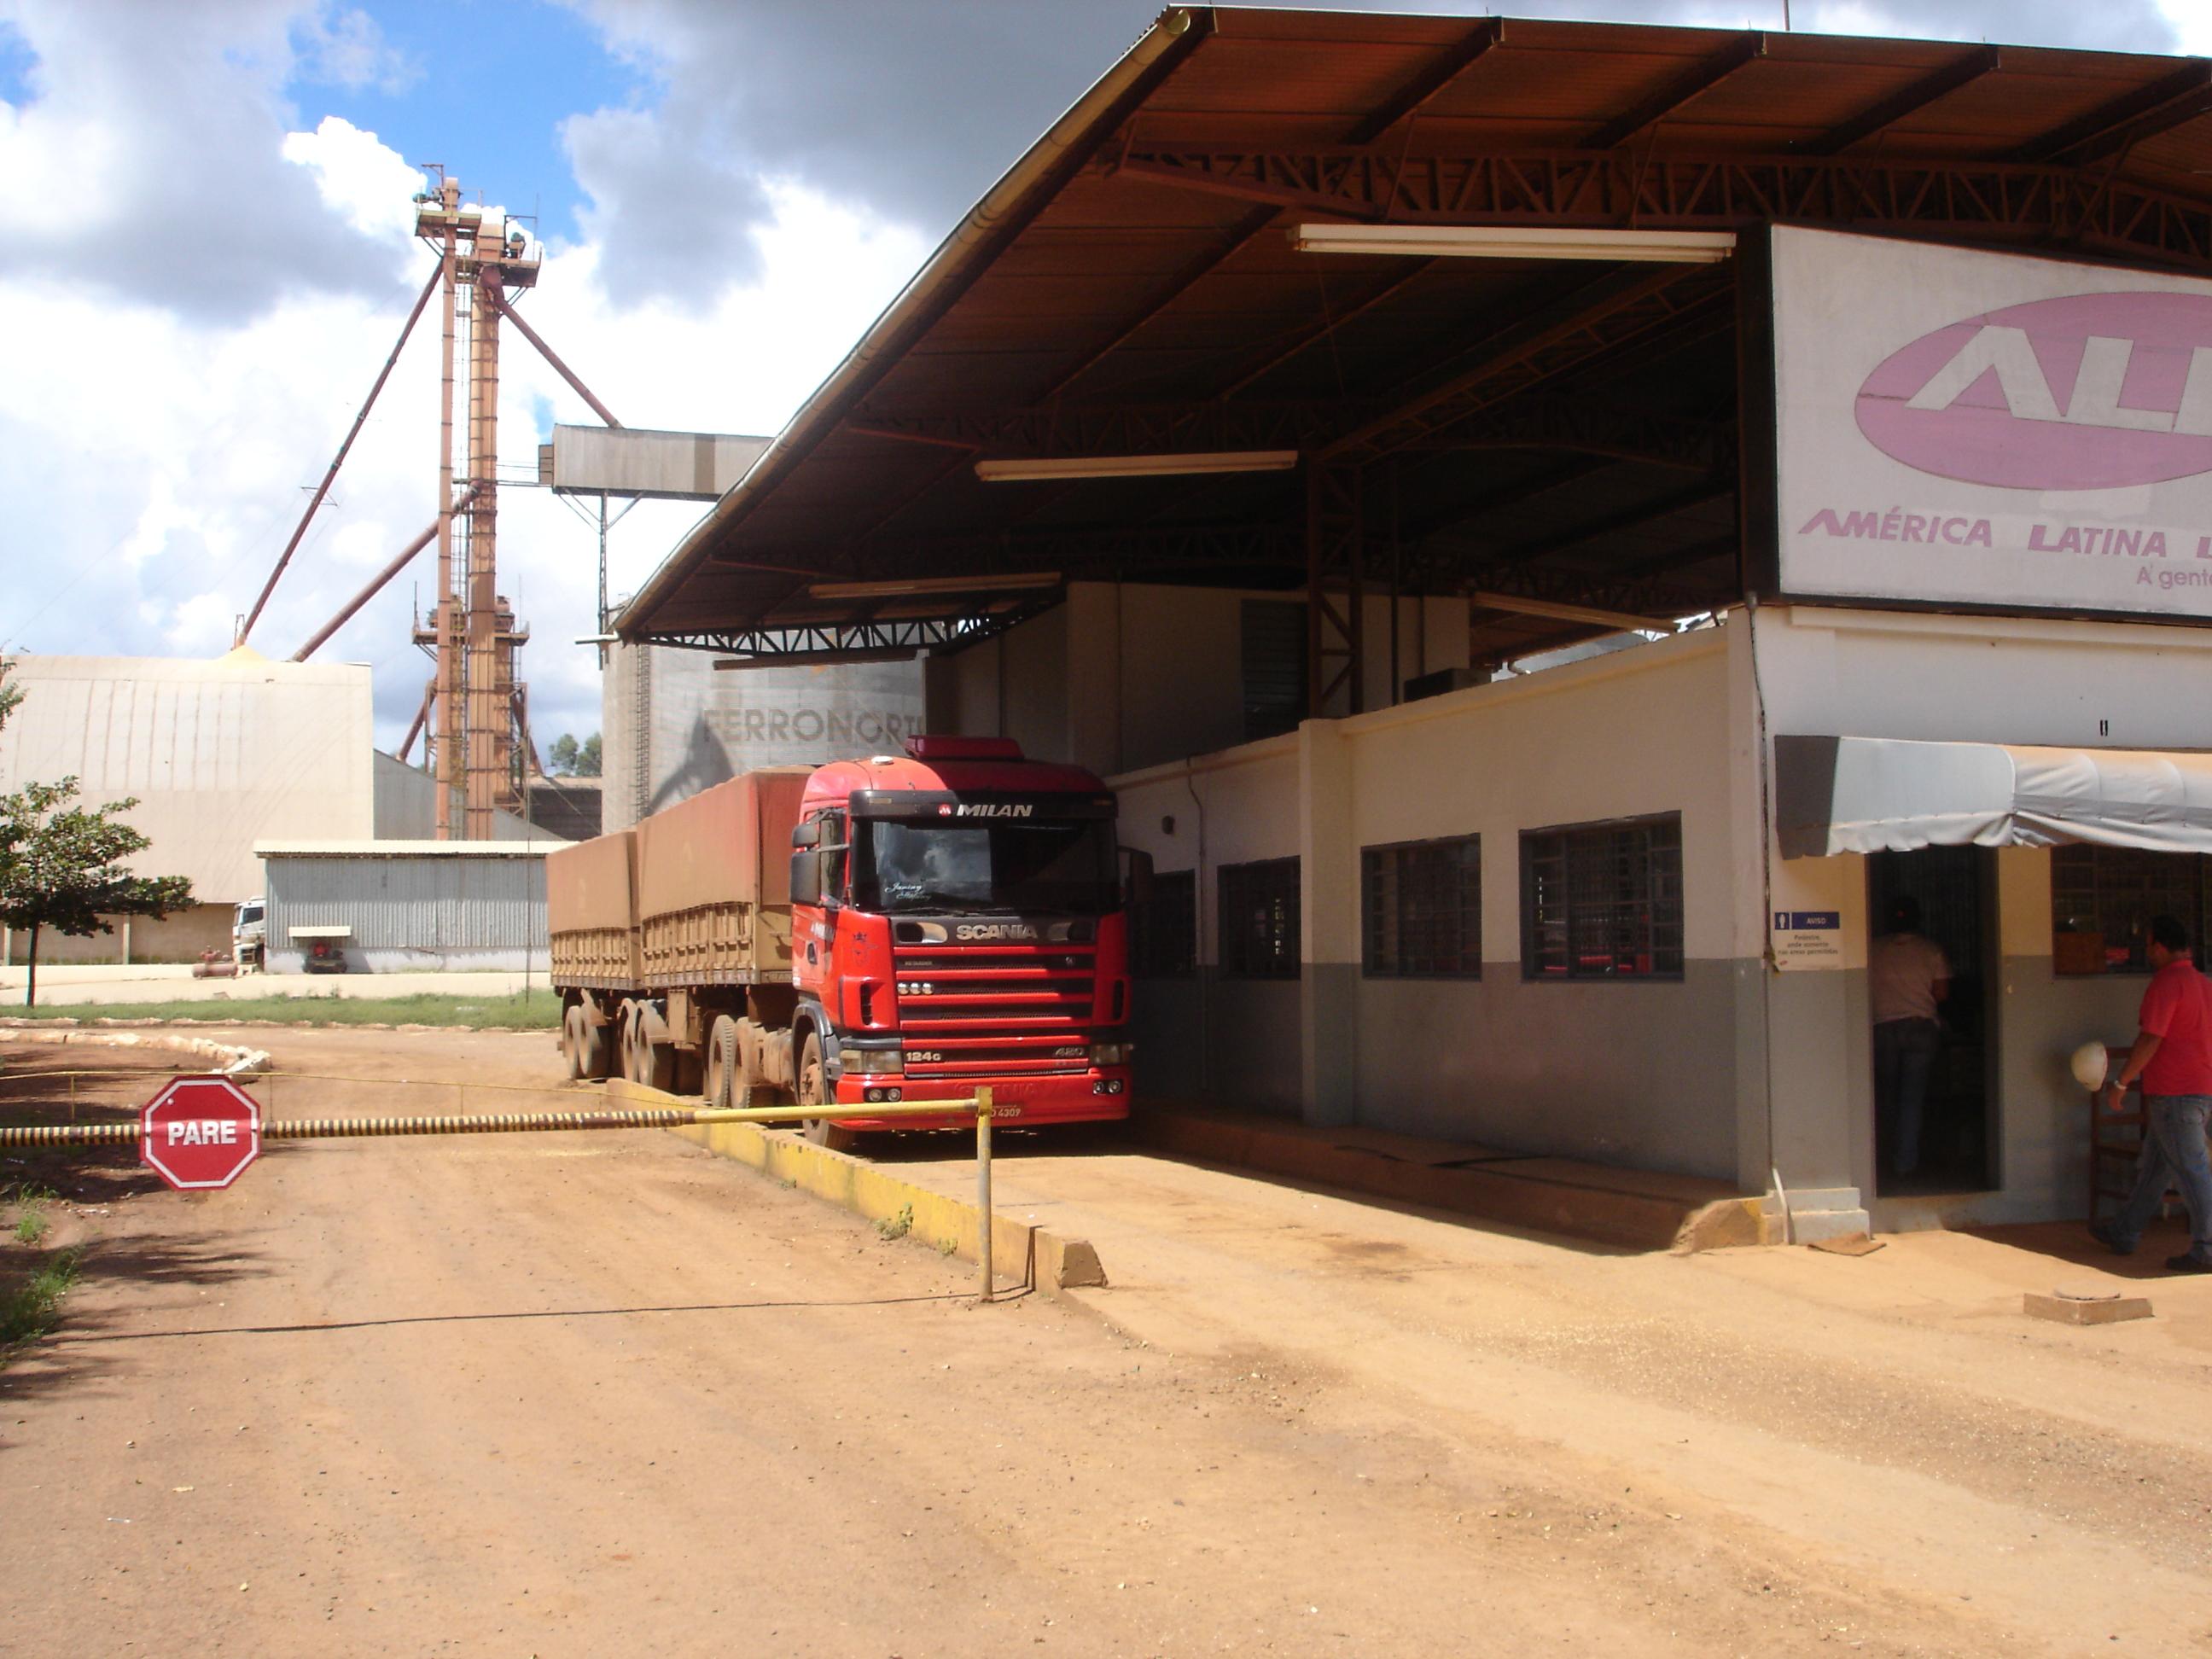 Soybeans arriving at Ferronorte Railroad in Alto Taquari, Mato Grosso